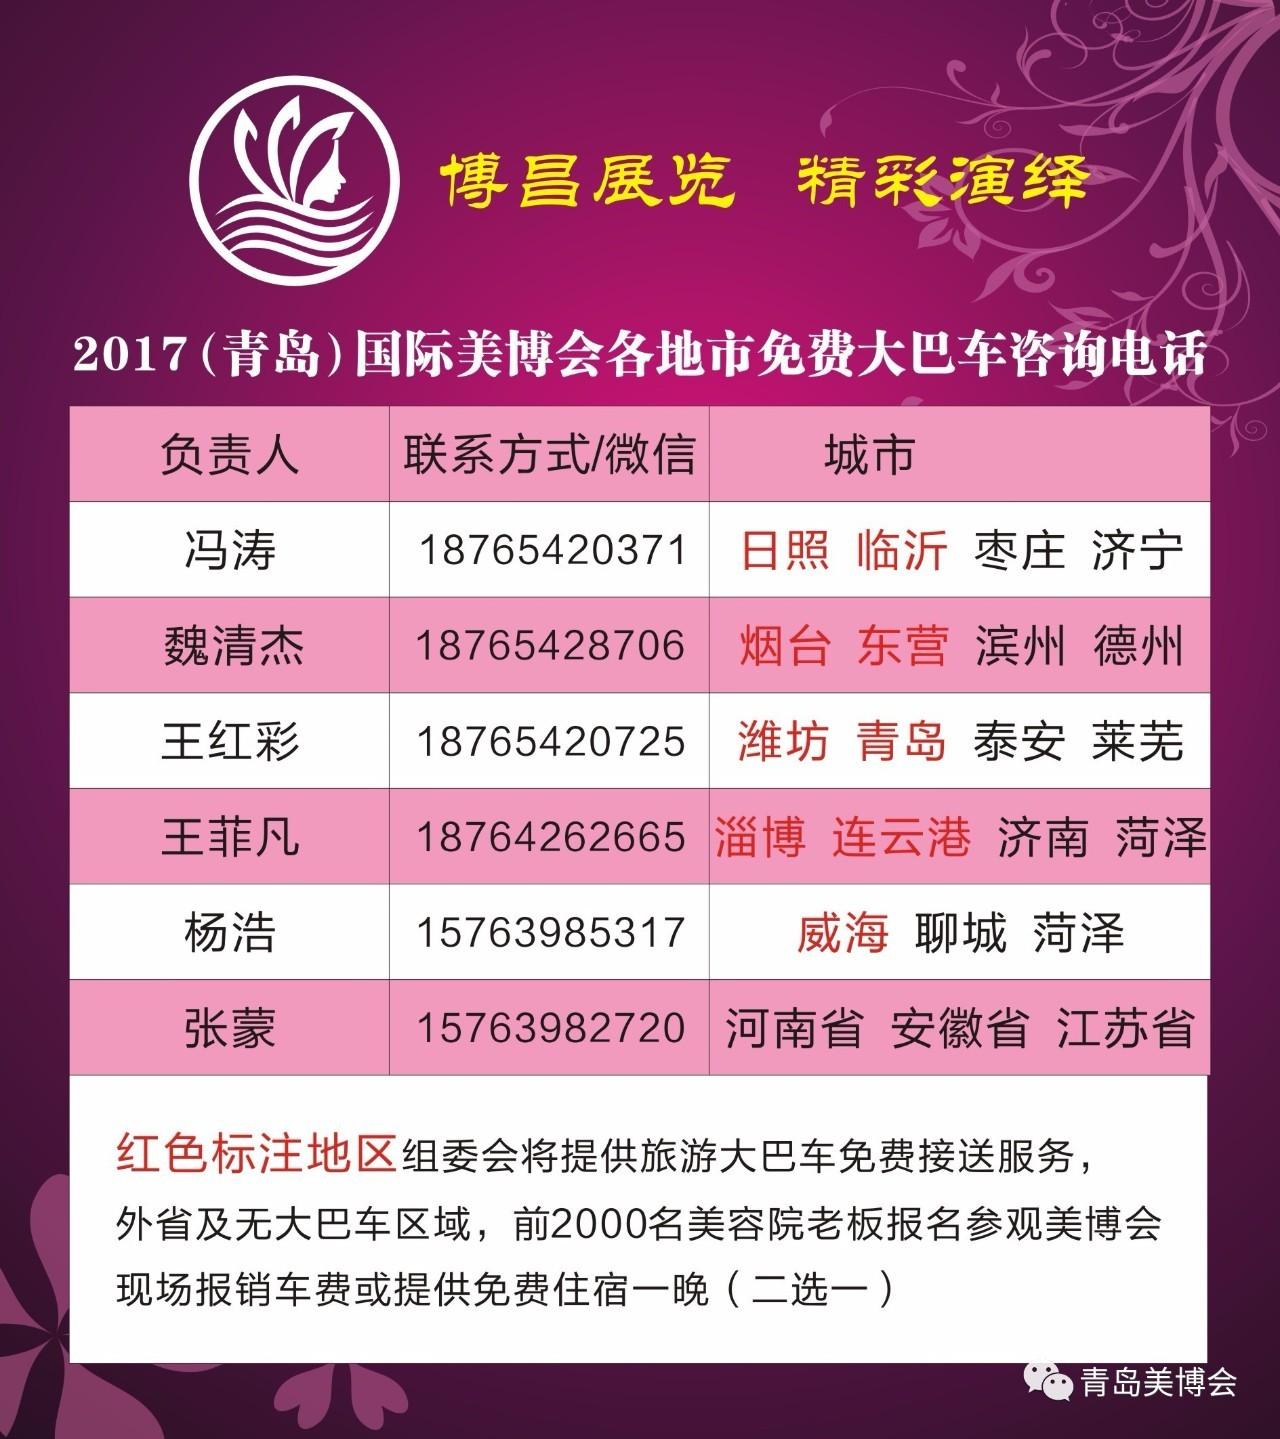 青岛美博会2-http://qd.meirongzhan.cn/